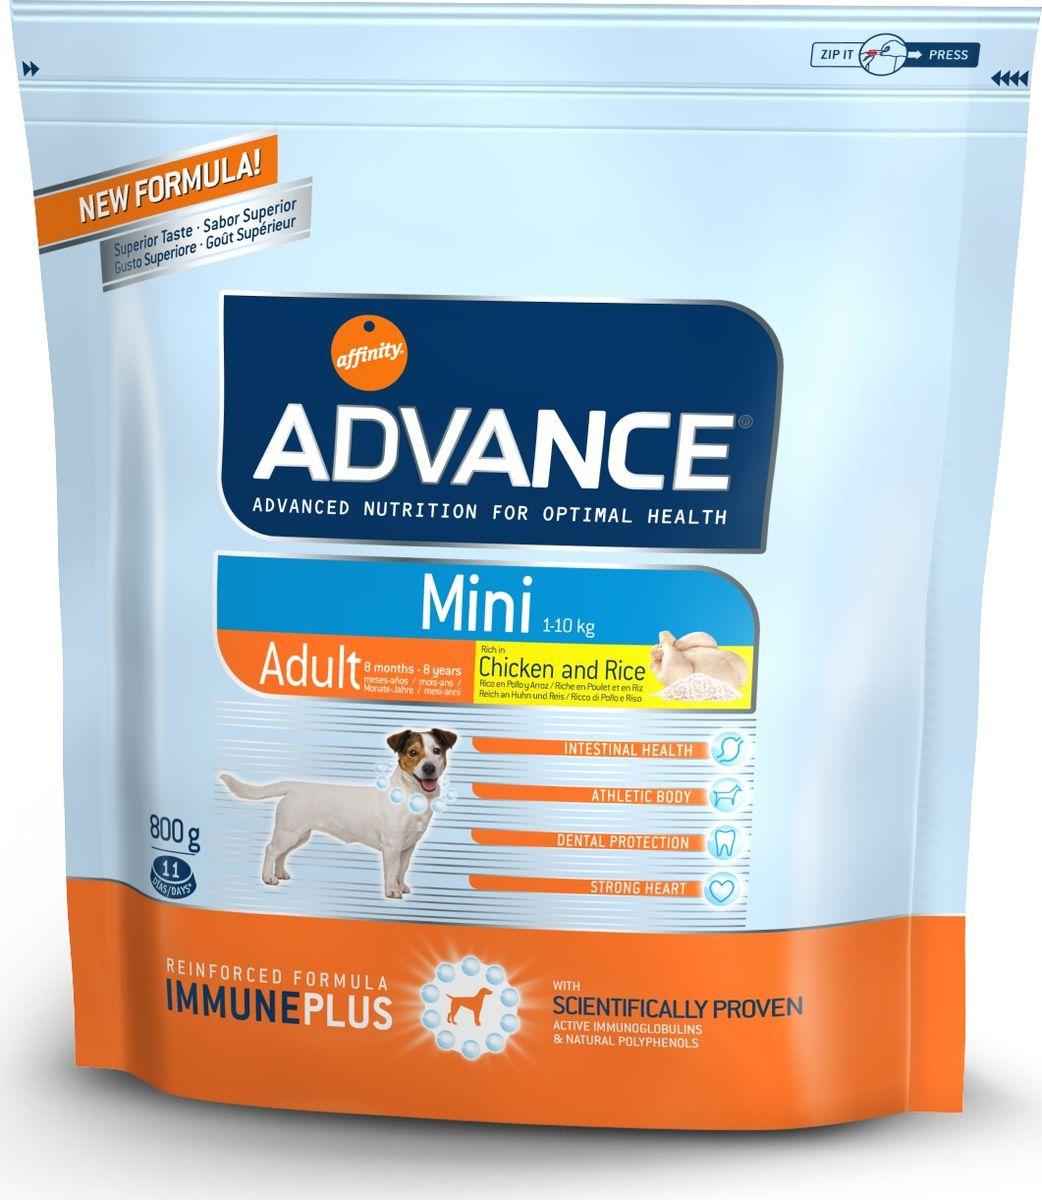 Корму сухой Advance для взрослых собак малых пород с 8 месяцев Mini Adult, 0,8 кг. 50211013046Advance – высококачественный корм супер-премиум класса Испанской компании Affinity Petcare, которая занимает лидирующие места на Европейском и мировом рынках. Корм разработан с учетом всех особенностей развития и жизнедеятельности собак и кошек. В линейке кормов Advance любой хозяин может подобрать необходимое питание в соответствии с возрастом и уникальными особенностями своего животного, а также в случае назначения специалистами ветеринарной диеты. Курица (20%), рис (15%), дегидрированное мясо курицы, пшеница, маисовый глютен, животный жир, маис, гидролизированный белок животного происхождения, свекольный жом, рыбий жир,яичный порошок, дрожжи, хлористый калий, плазменный протеин, пирофосфорнокислый натрий,карбонат кальция, соль, природные полифенолы. Affinity Petcare имеет собственную лабораторию, а также сотрудничает со множеством международных исследовательских центров, благодаря чему специалисты постоянно совершенствуют рецептуру и полезные свойства своих кормов. В составе...